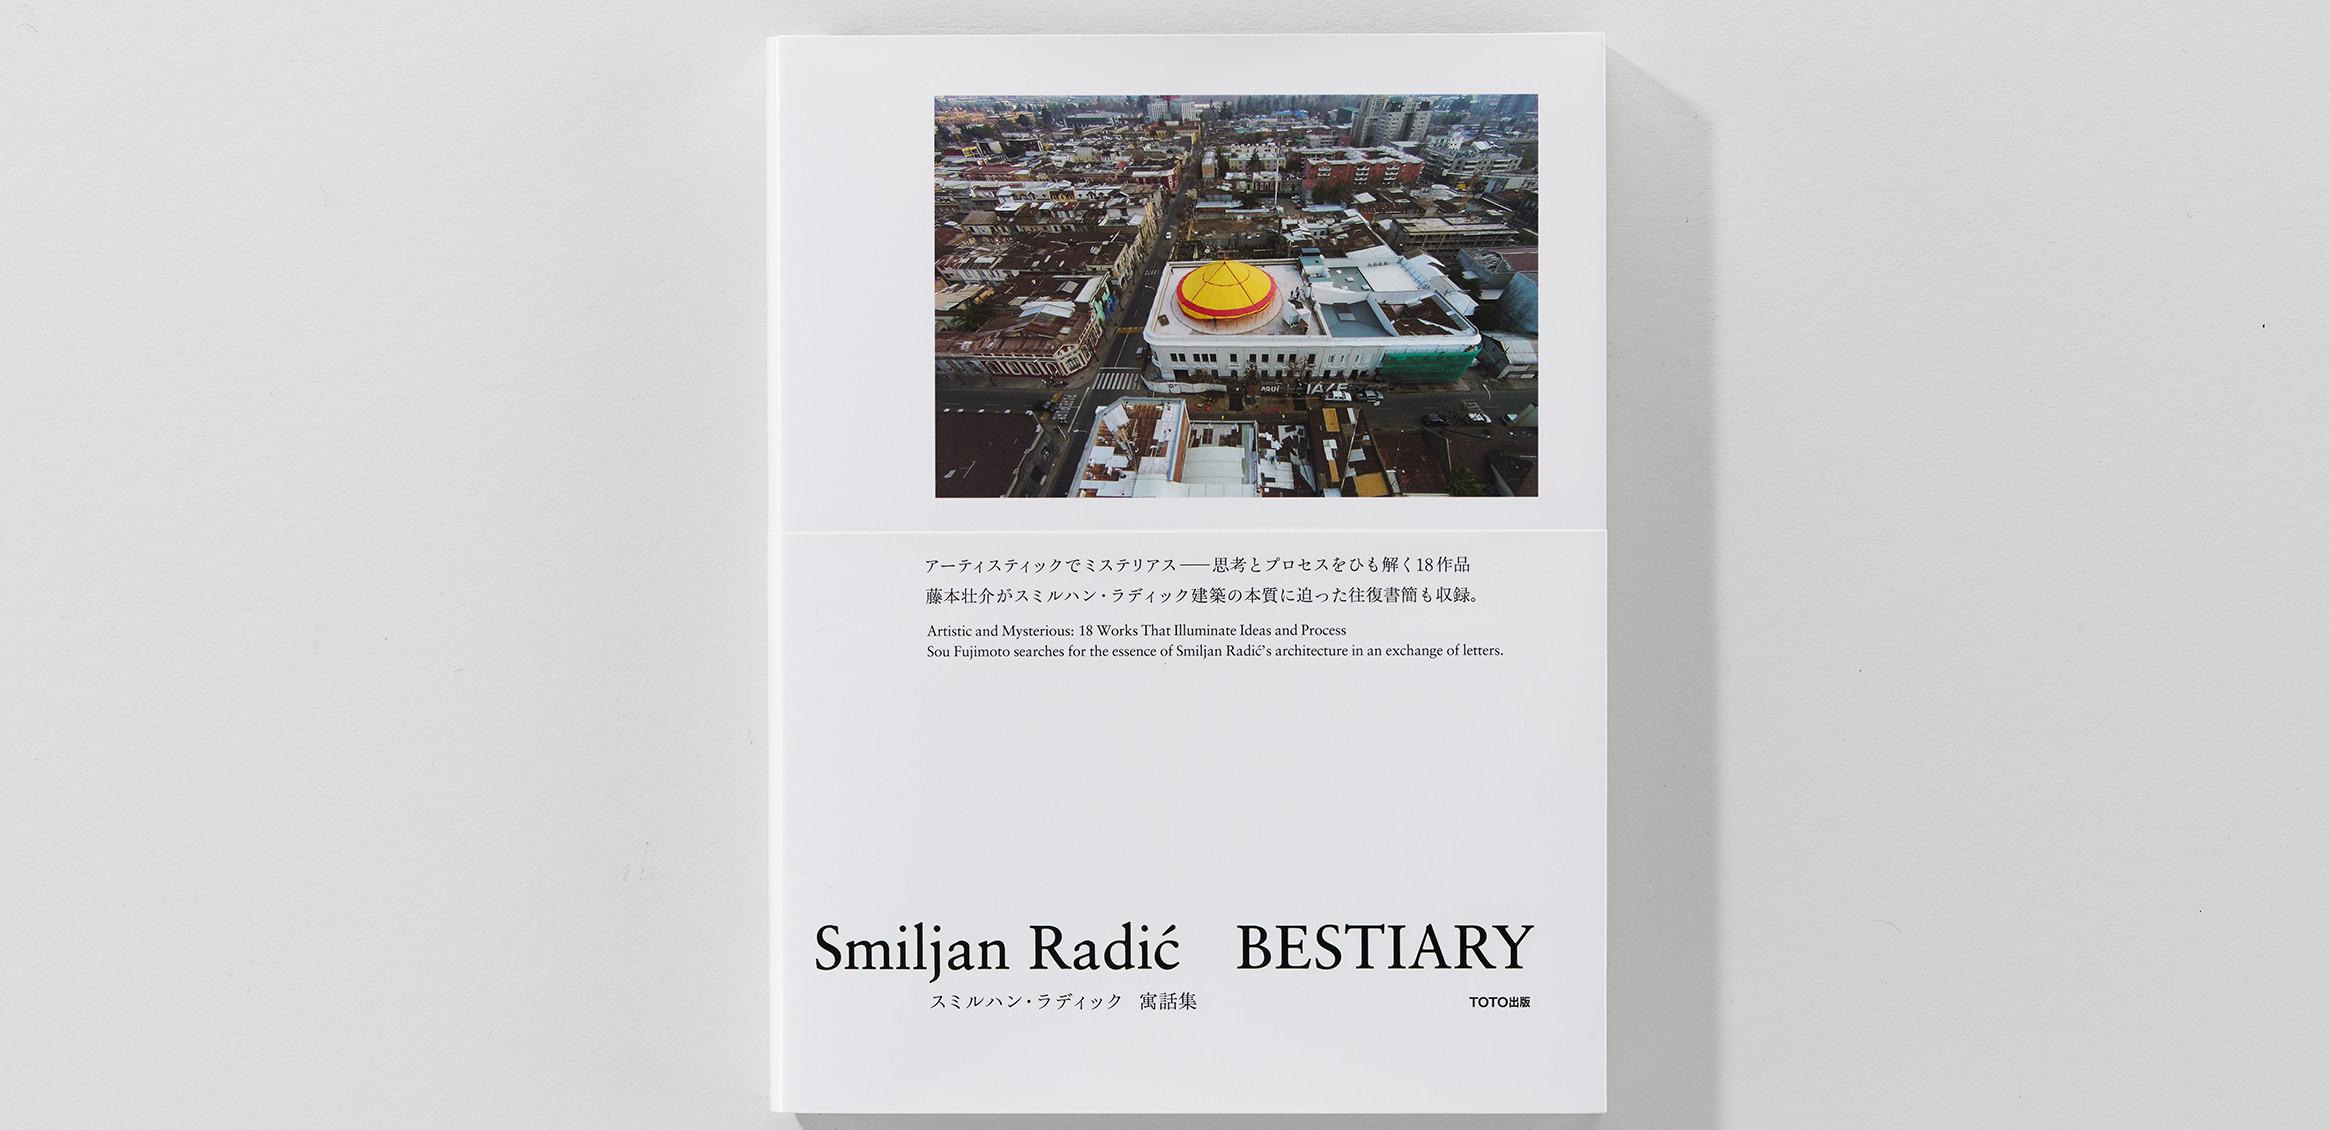 Smiljan Radić寓话集0枚目